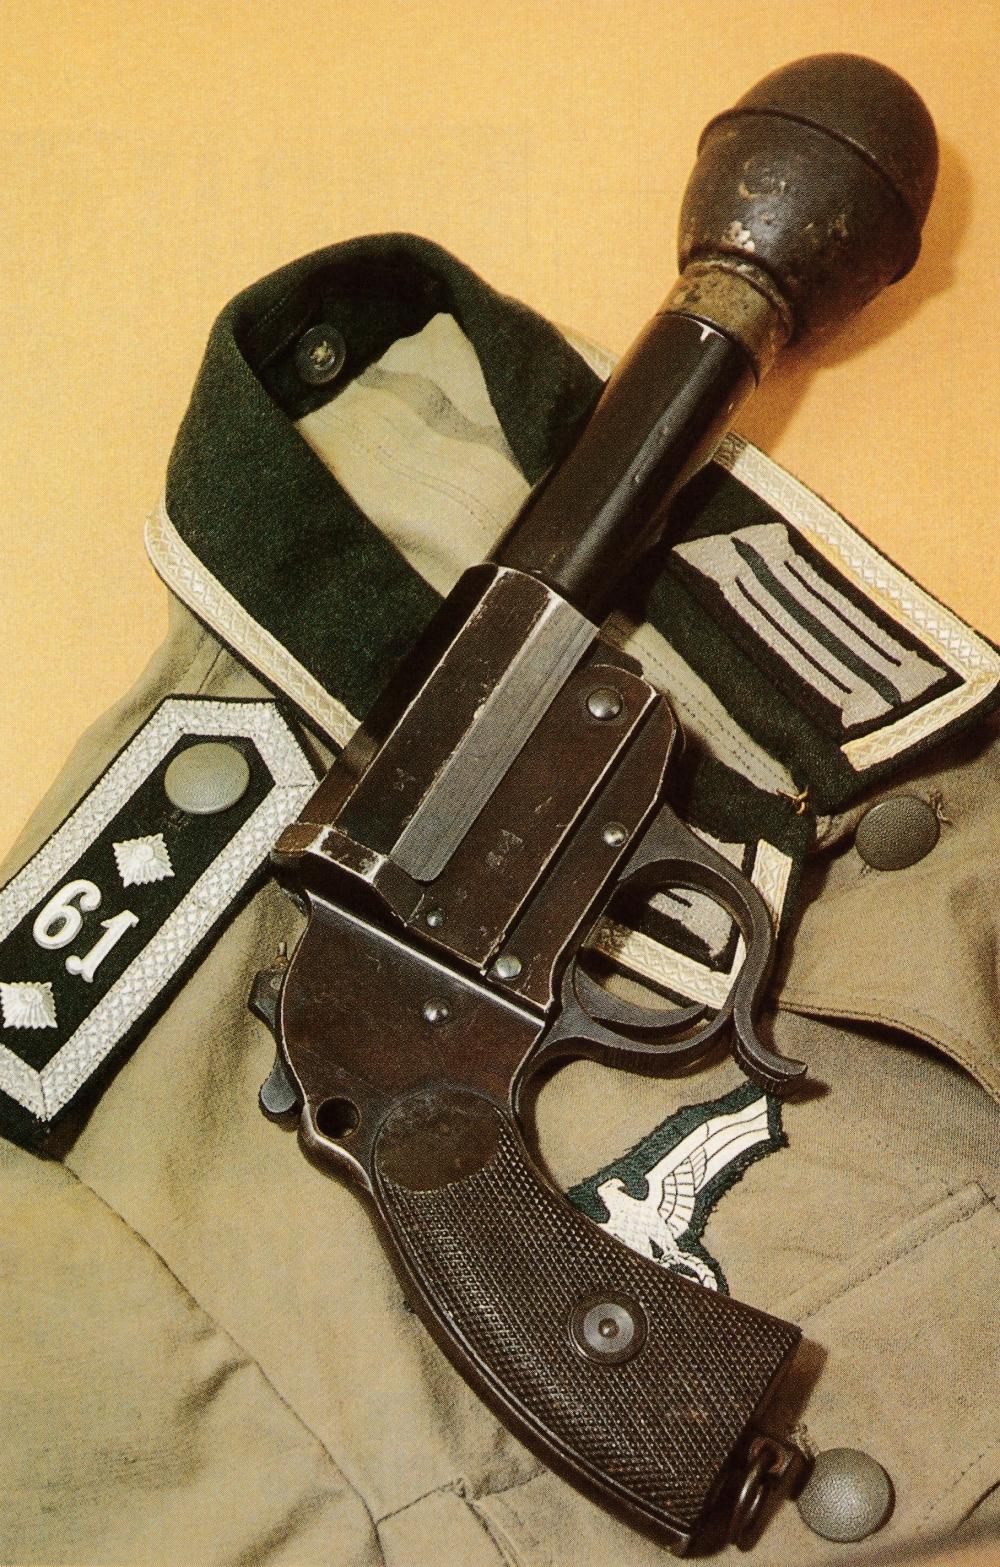 """Pistolet allemand Heer modèle 1934 de type """"Guerre"""" chargé d'un Wurfkörper 361 du 2ème type, dont le tir dans le canon lisse du pistolet signaleur ne nécessite pas l'emploi d'un manchon de renfort. Cette munition est constituée par une grenade """"œuf"""" fixée sur un tube de lancement."""